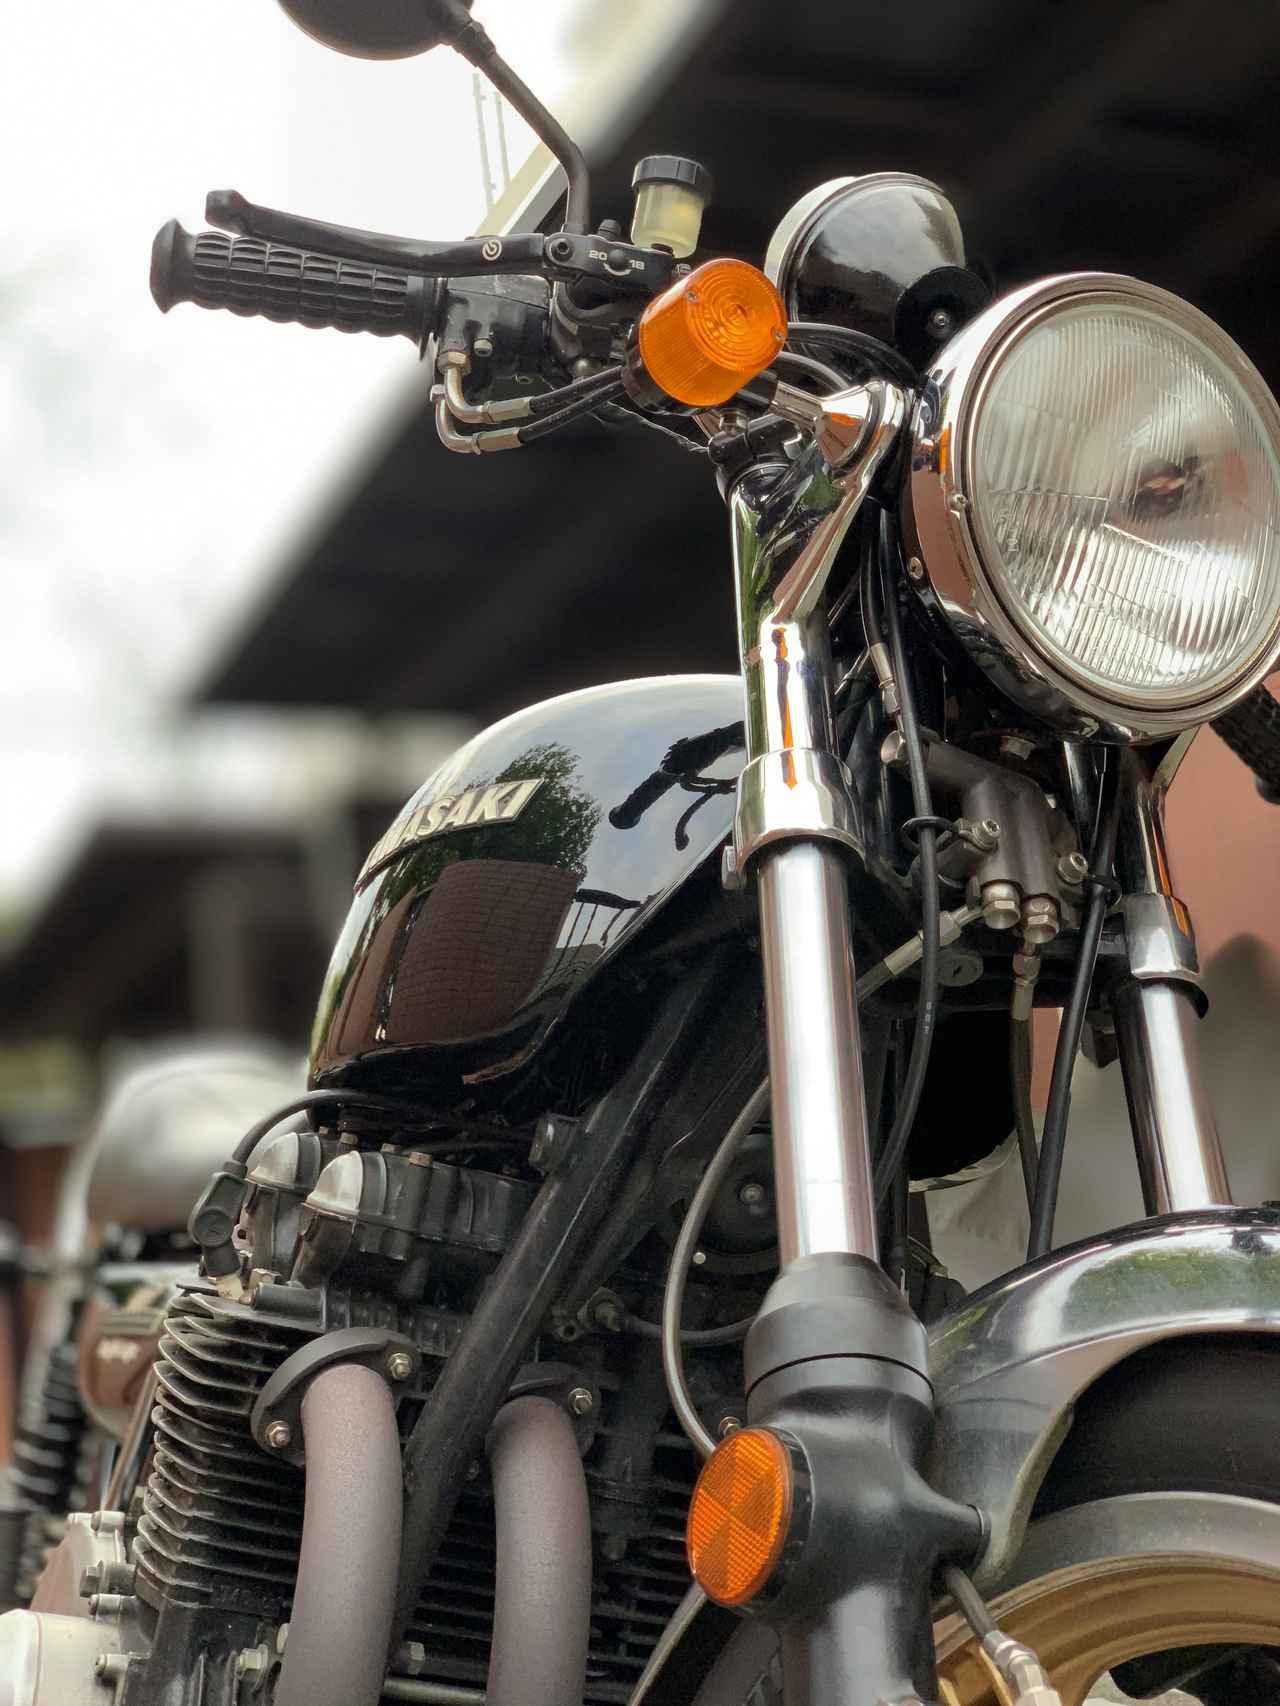 画像: 黒いカワサキ 2。Z1の姿を纏った Z2 - LAWRENCE - Motorcycle x Cars + α = Your Life.